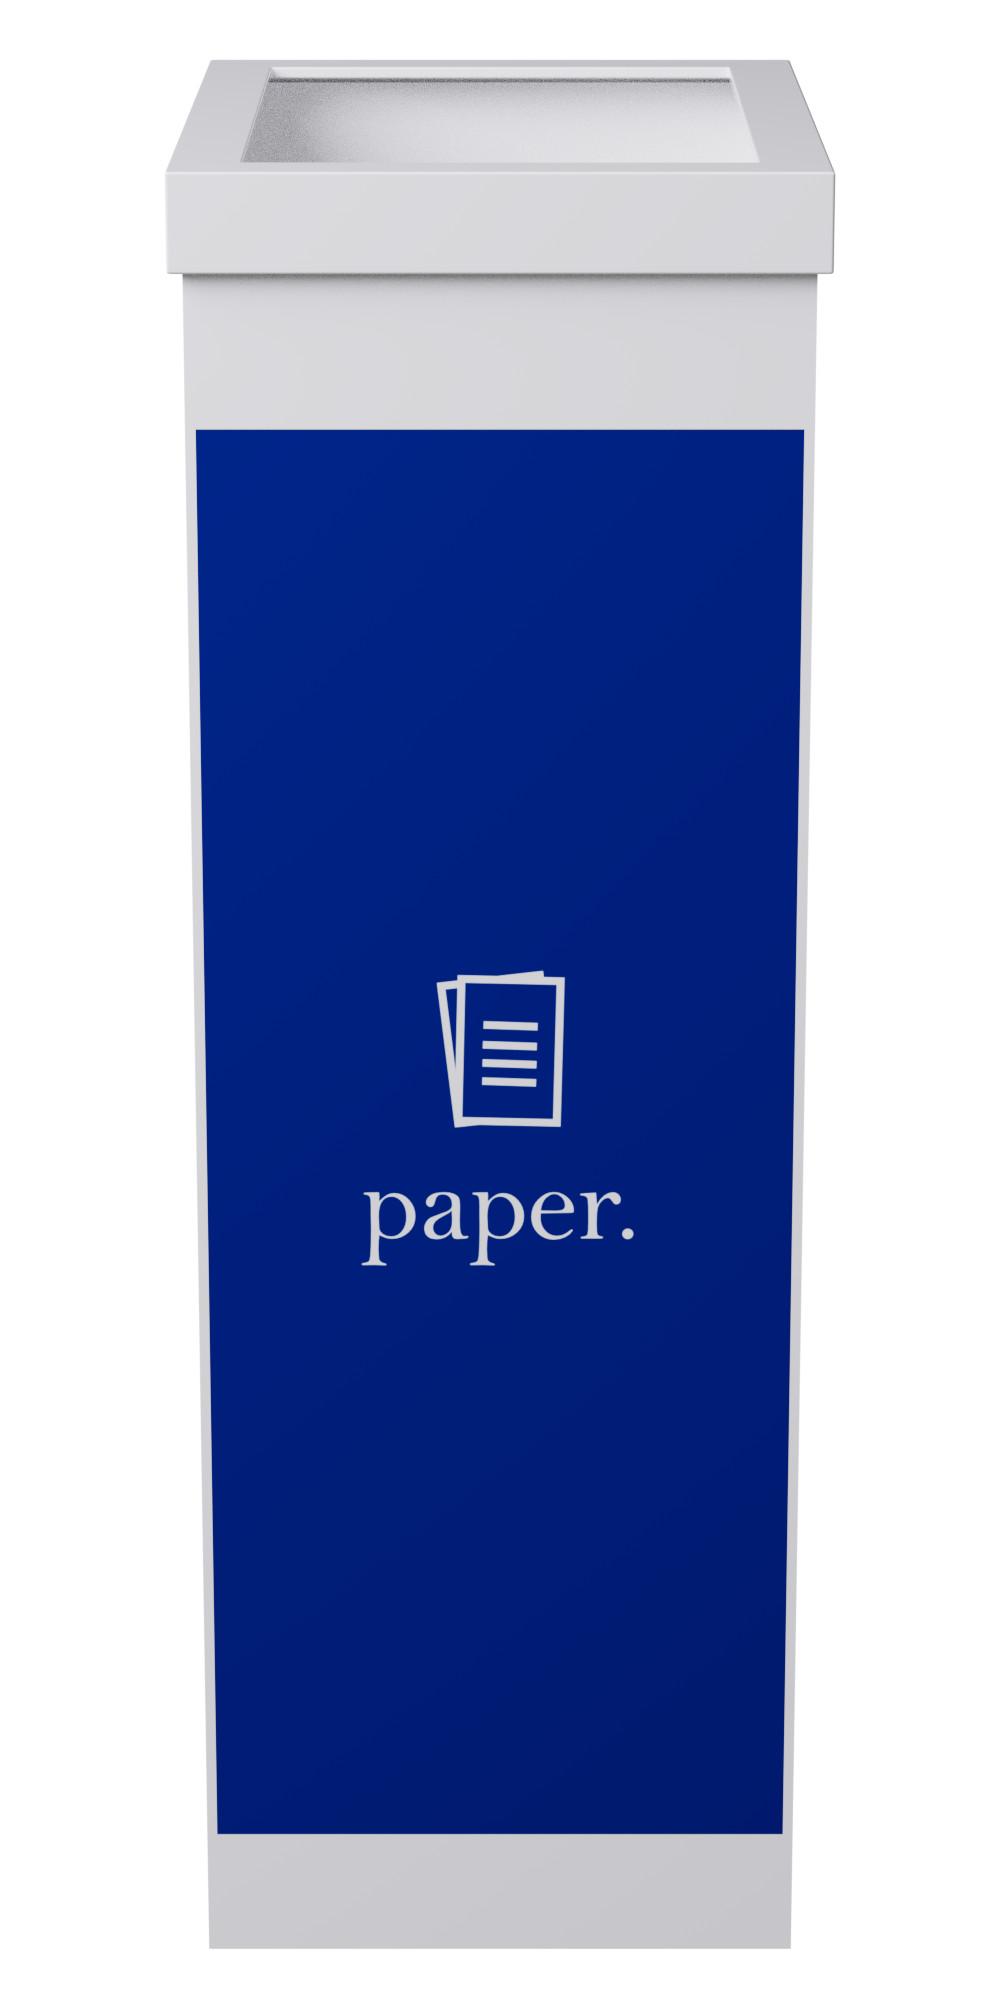 Corbeille de tri sélectif pour le papier